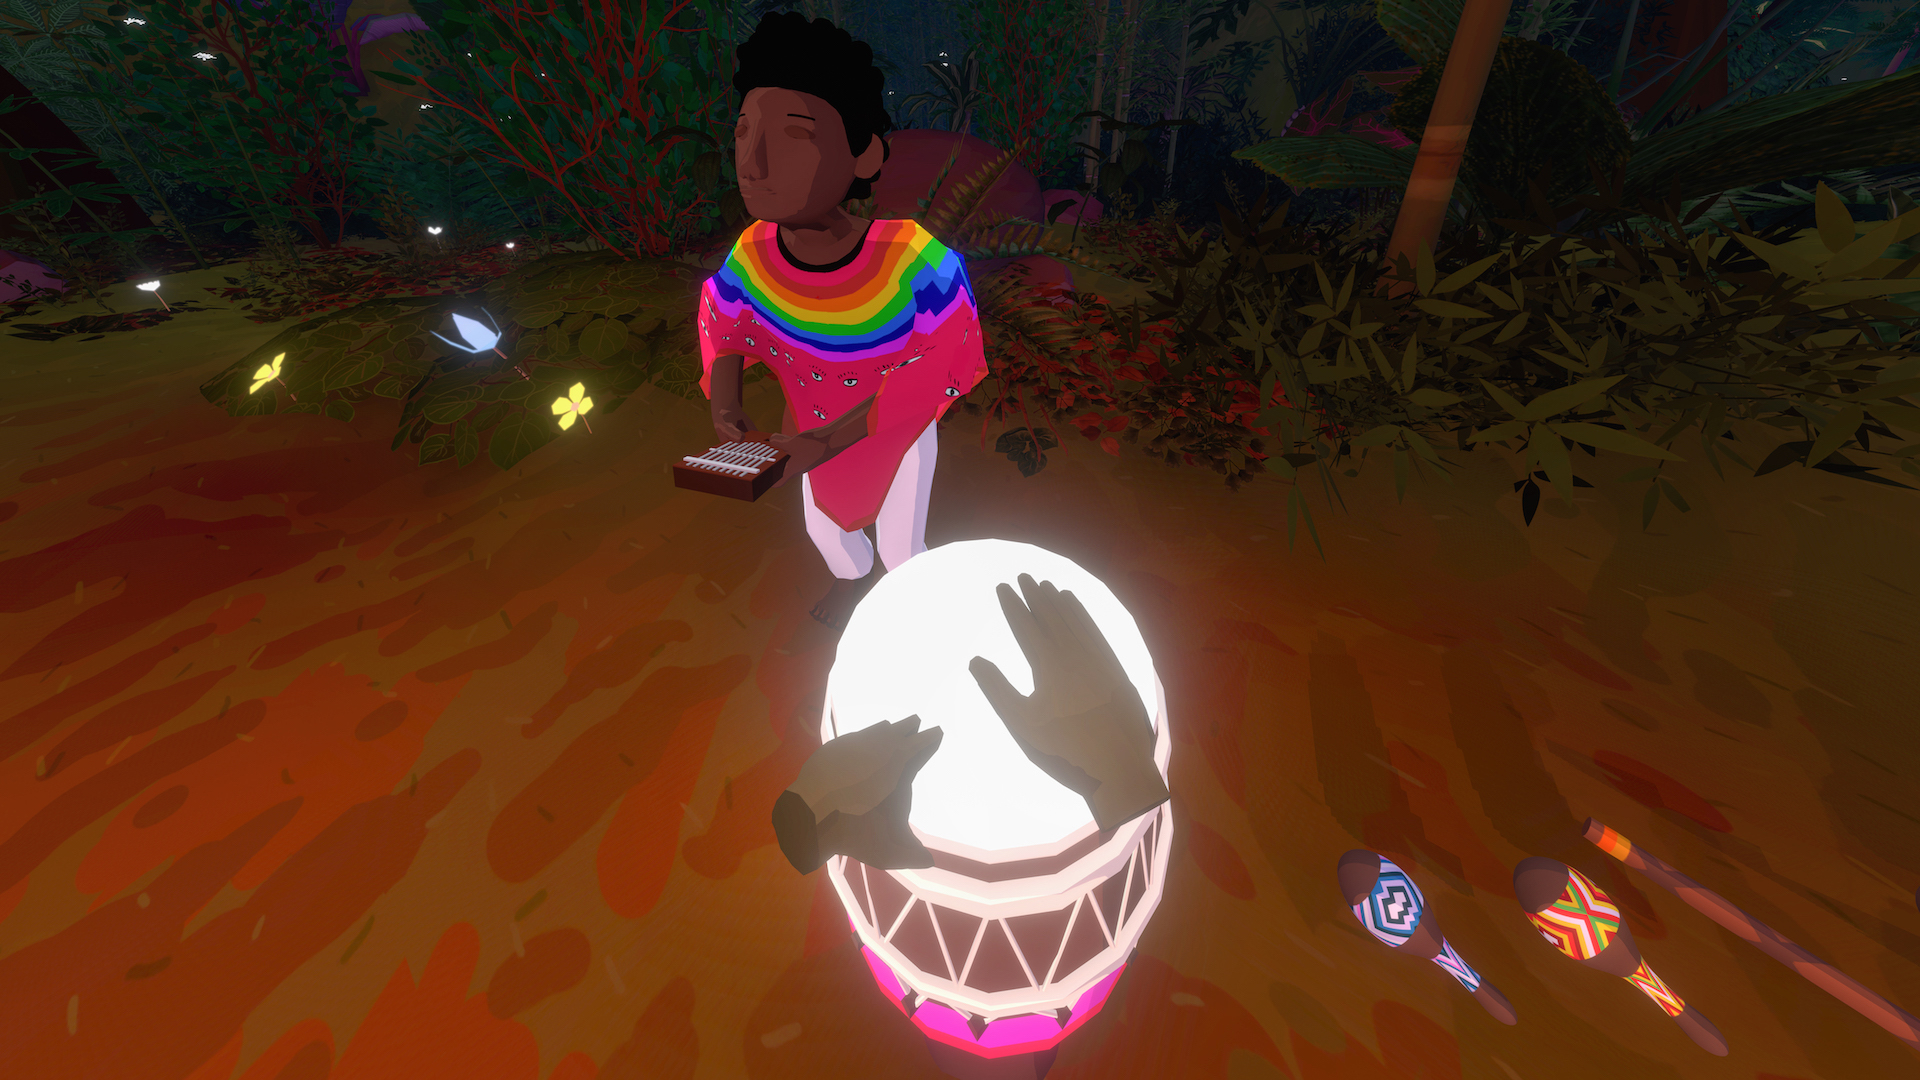 VJ-Suave-Floresta-Encantada-Interactive-Virtual-Reality_12_small.jpg